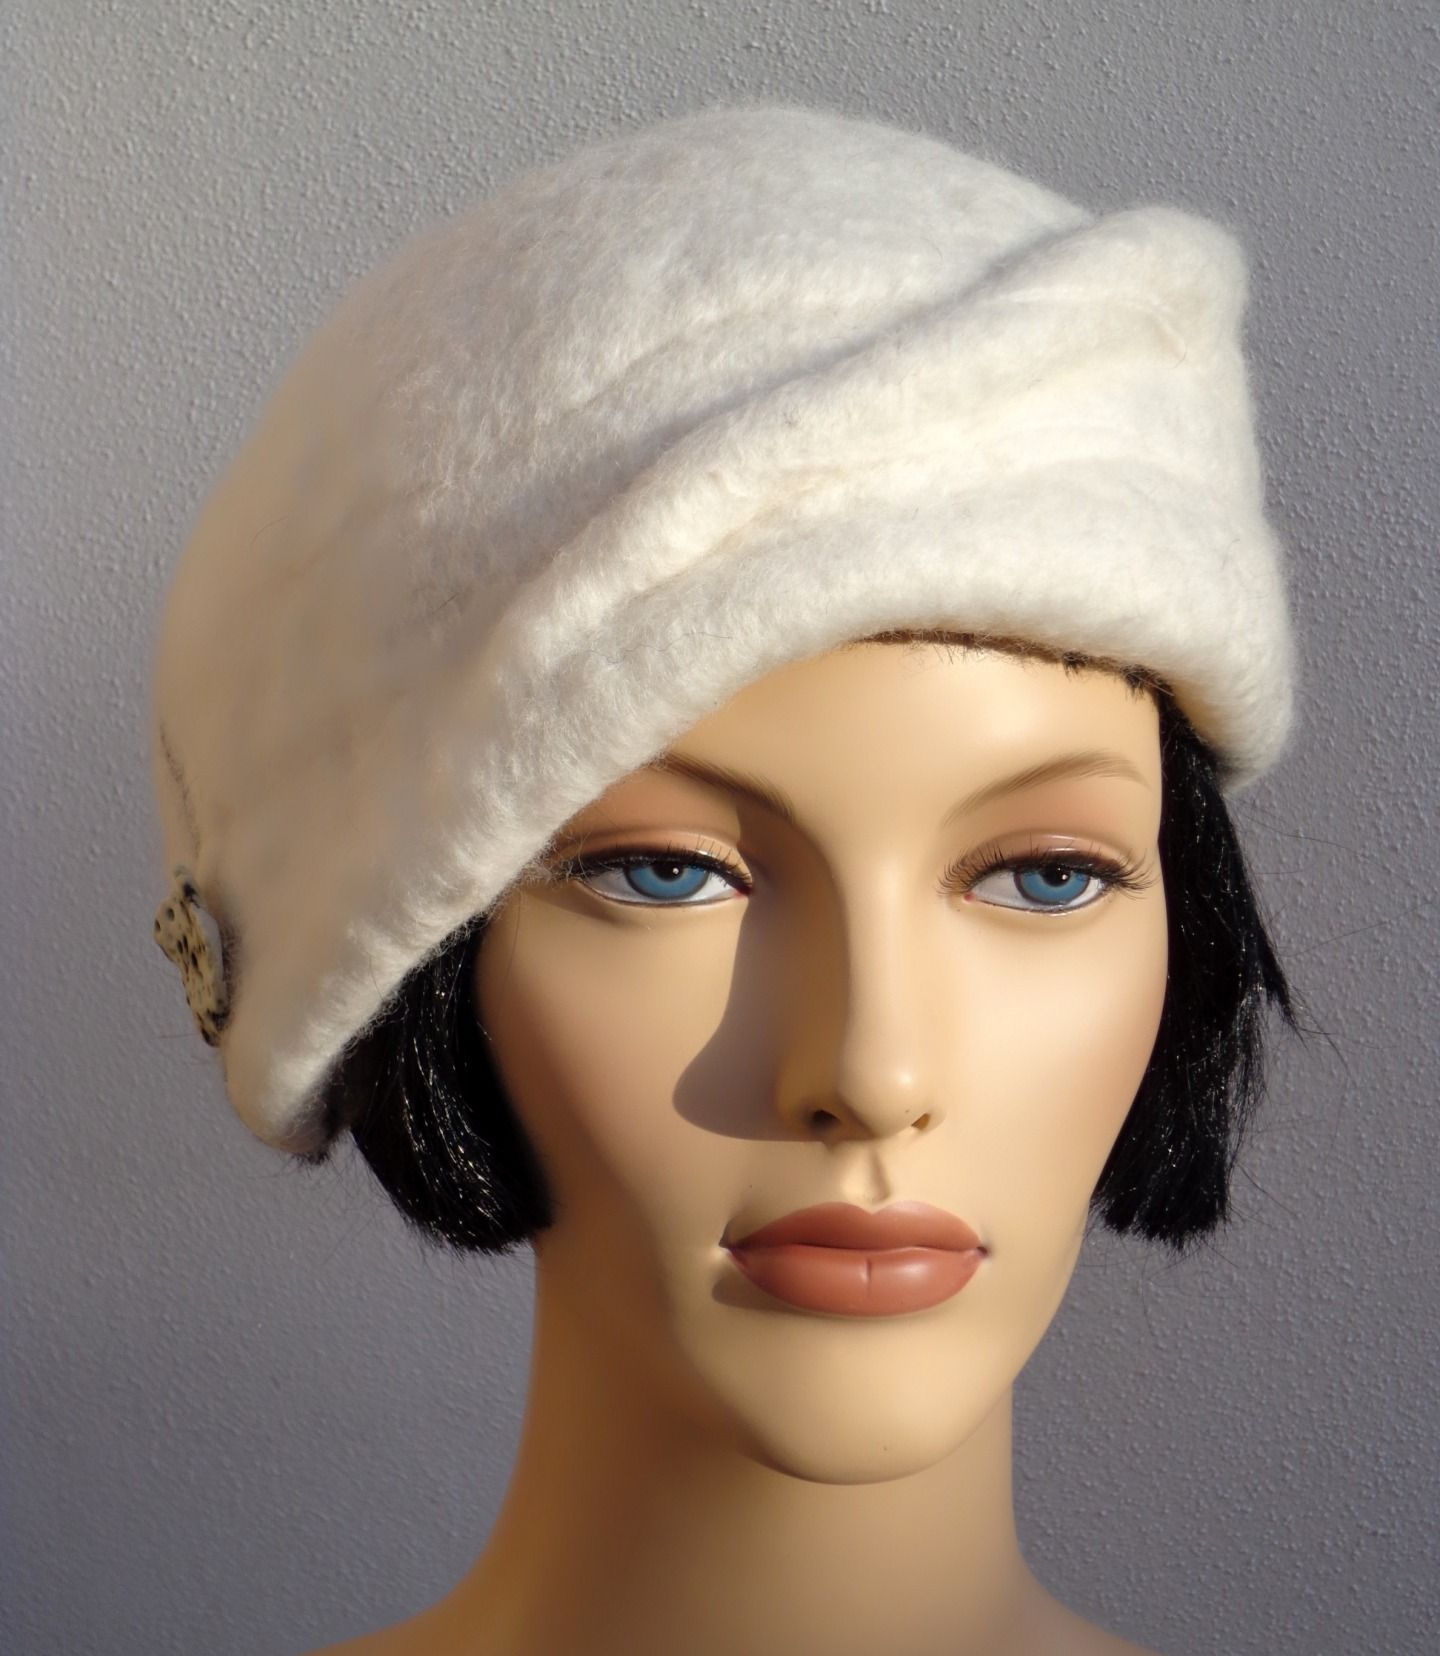 magnifique b r t femme blanc hiver style r tro laine feutr e chapeau bonnet par feltgoood. Black Bedroom Furniture Sets. Home Design Ideas